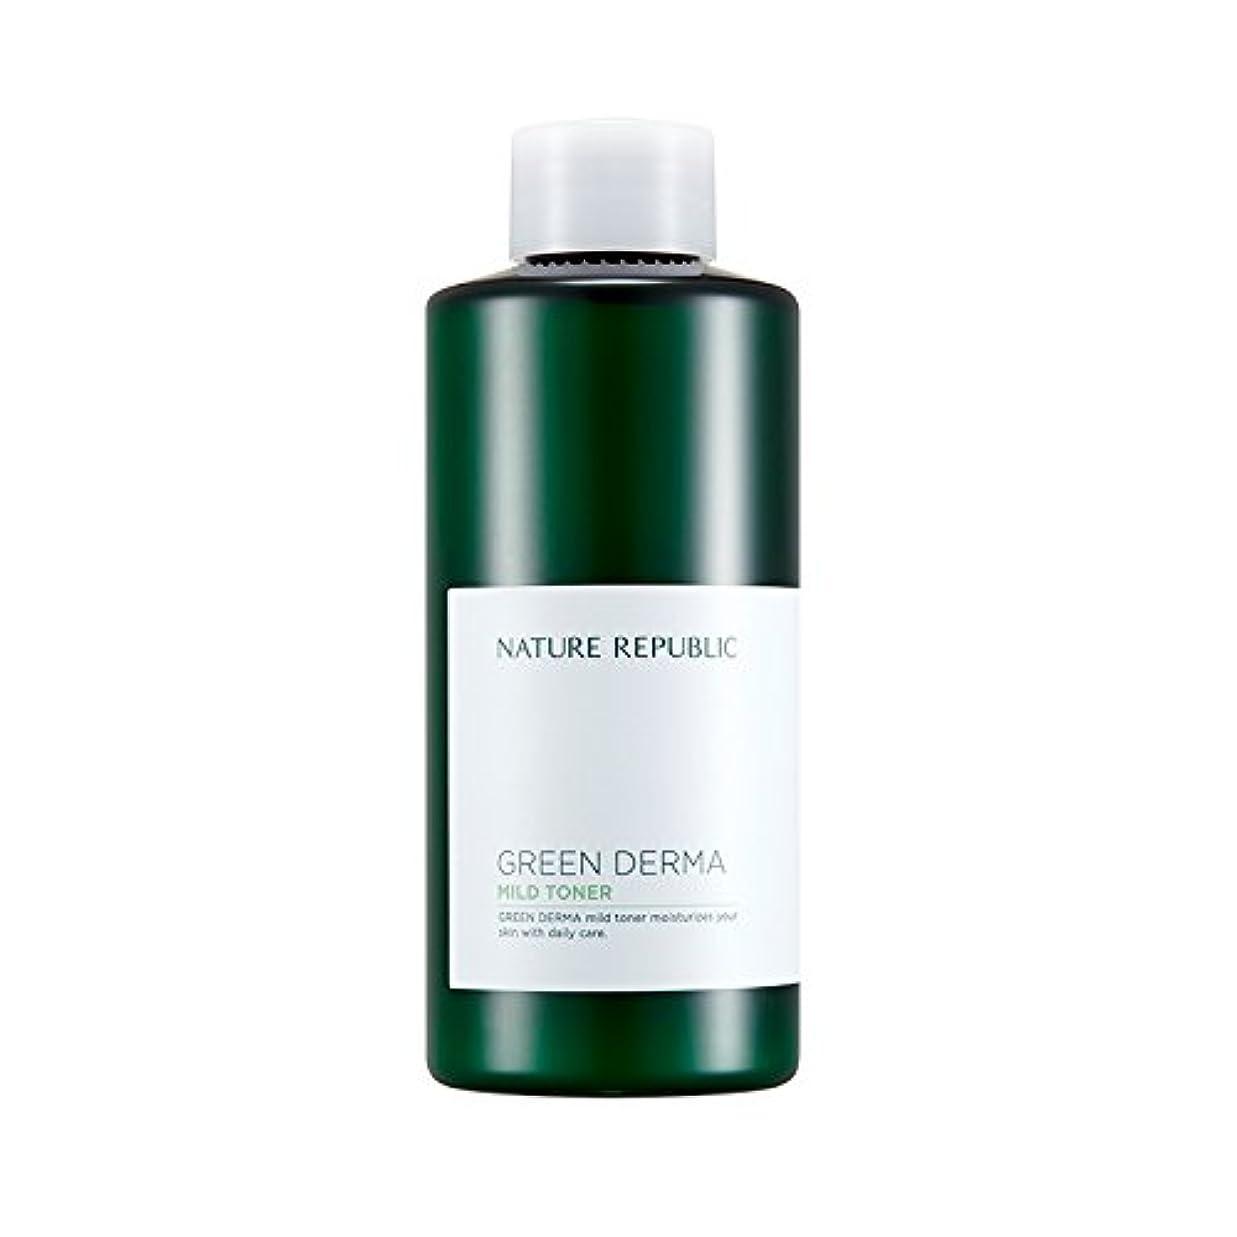 国際ハイジャックとNATURE REPUBLIC Green Derma Mild Toner / ネイチャーリパブリック グリーンダーママイルドトナー 200ml [並行輸入品]